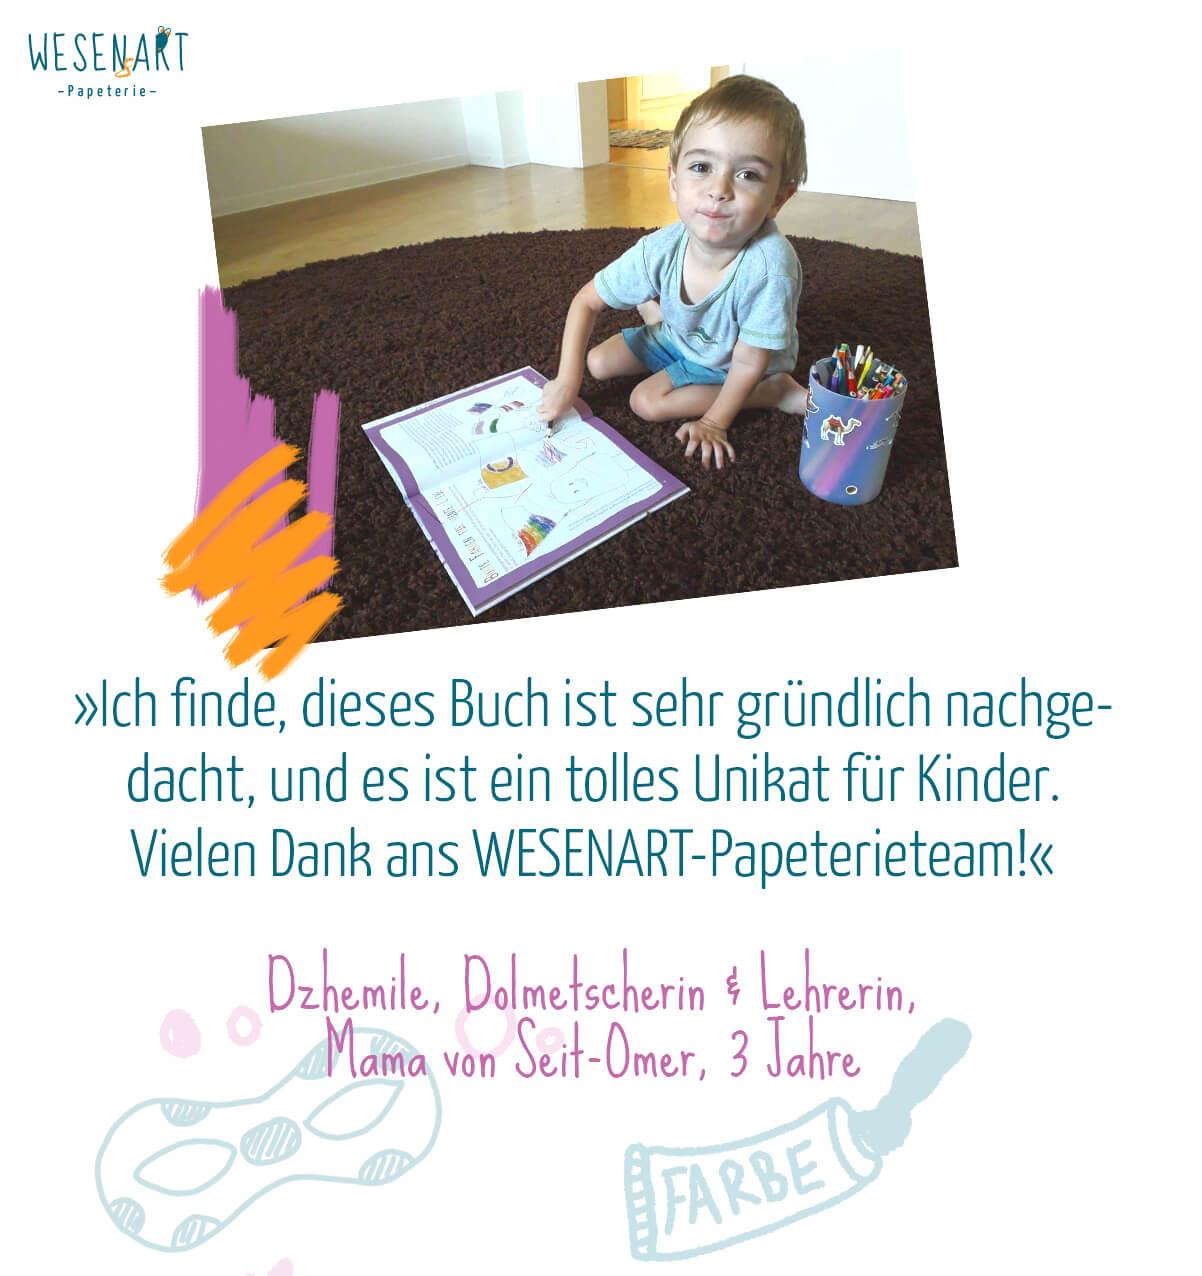 Zitat: »Ich finde, dieses Buch ist sehr gründlich nachgedacht, und es ist ein tolles Unikat für Kinder. Vielen Dank ans WESENART-Papeterieteam!« Dzhemile, Dolmetscherin & Lehrerin,